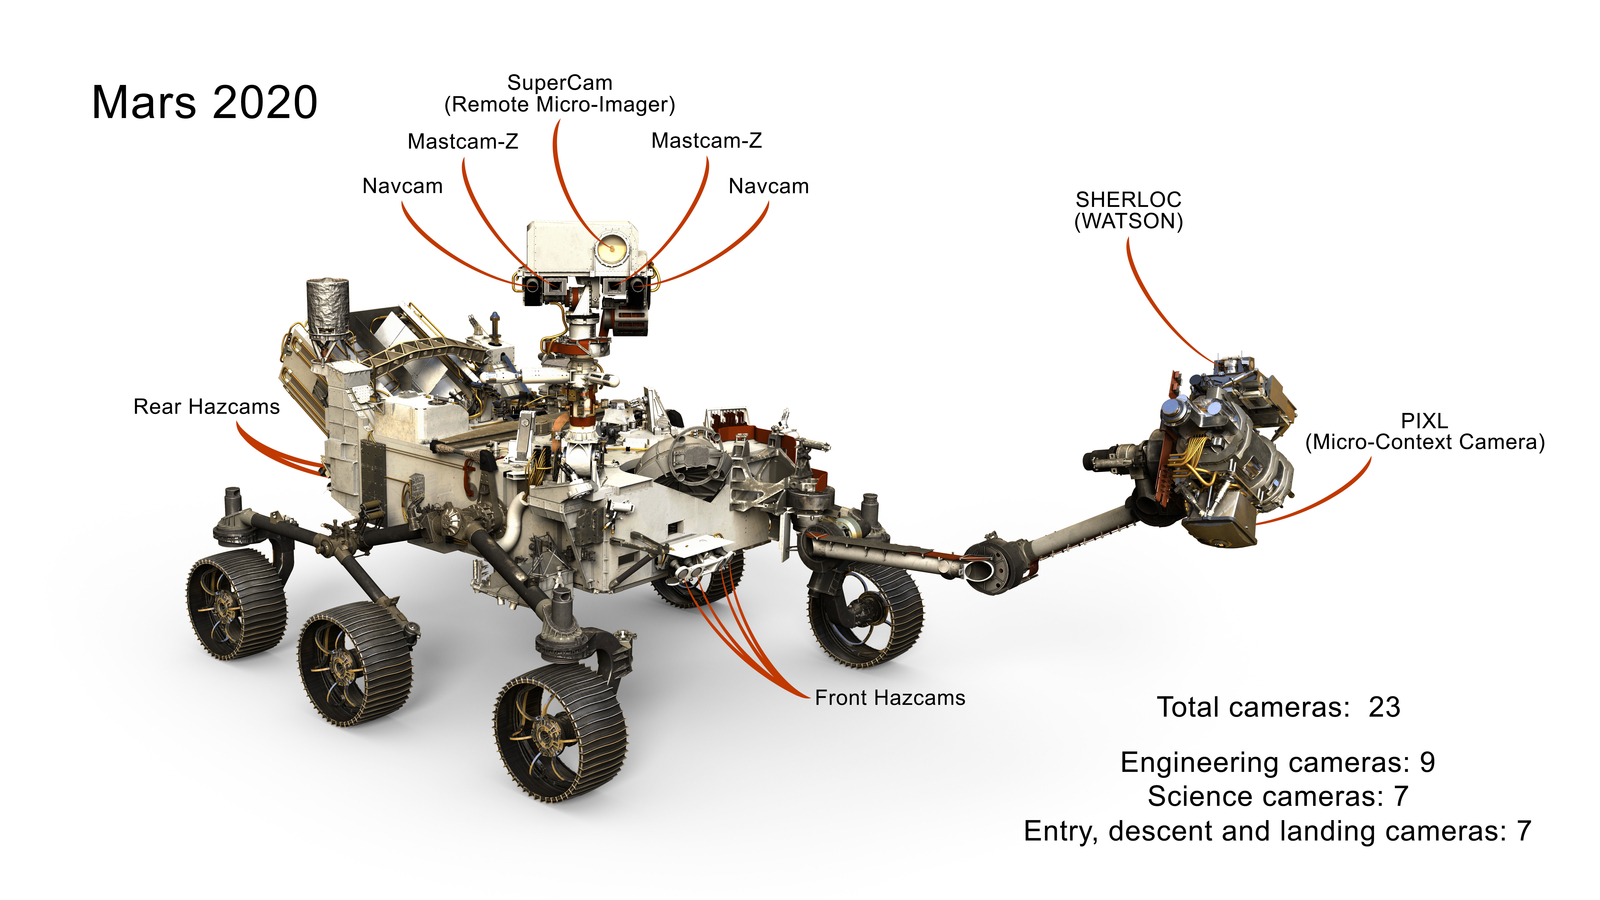 Mars 2020 Cameras